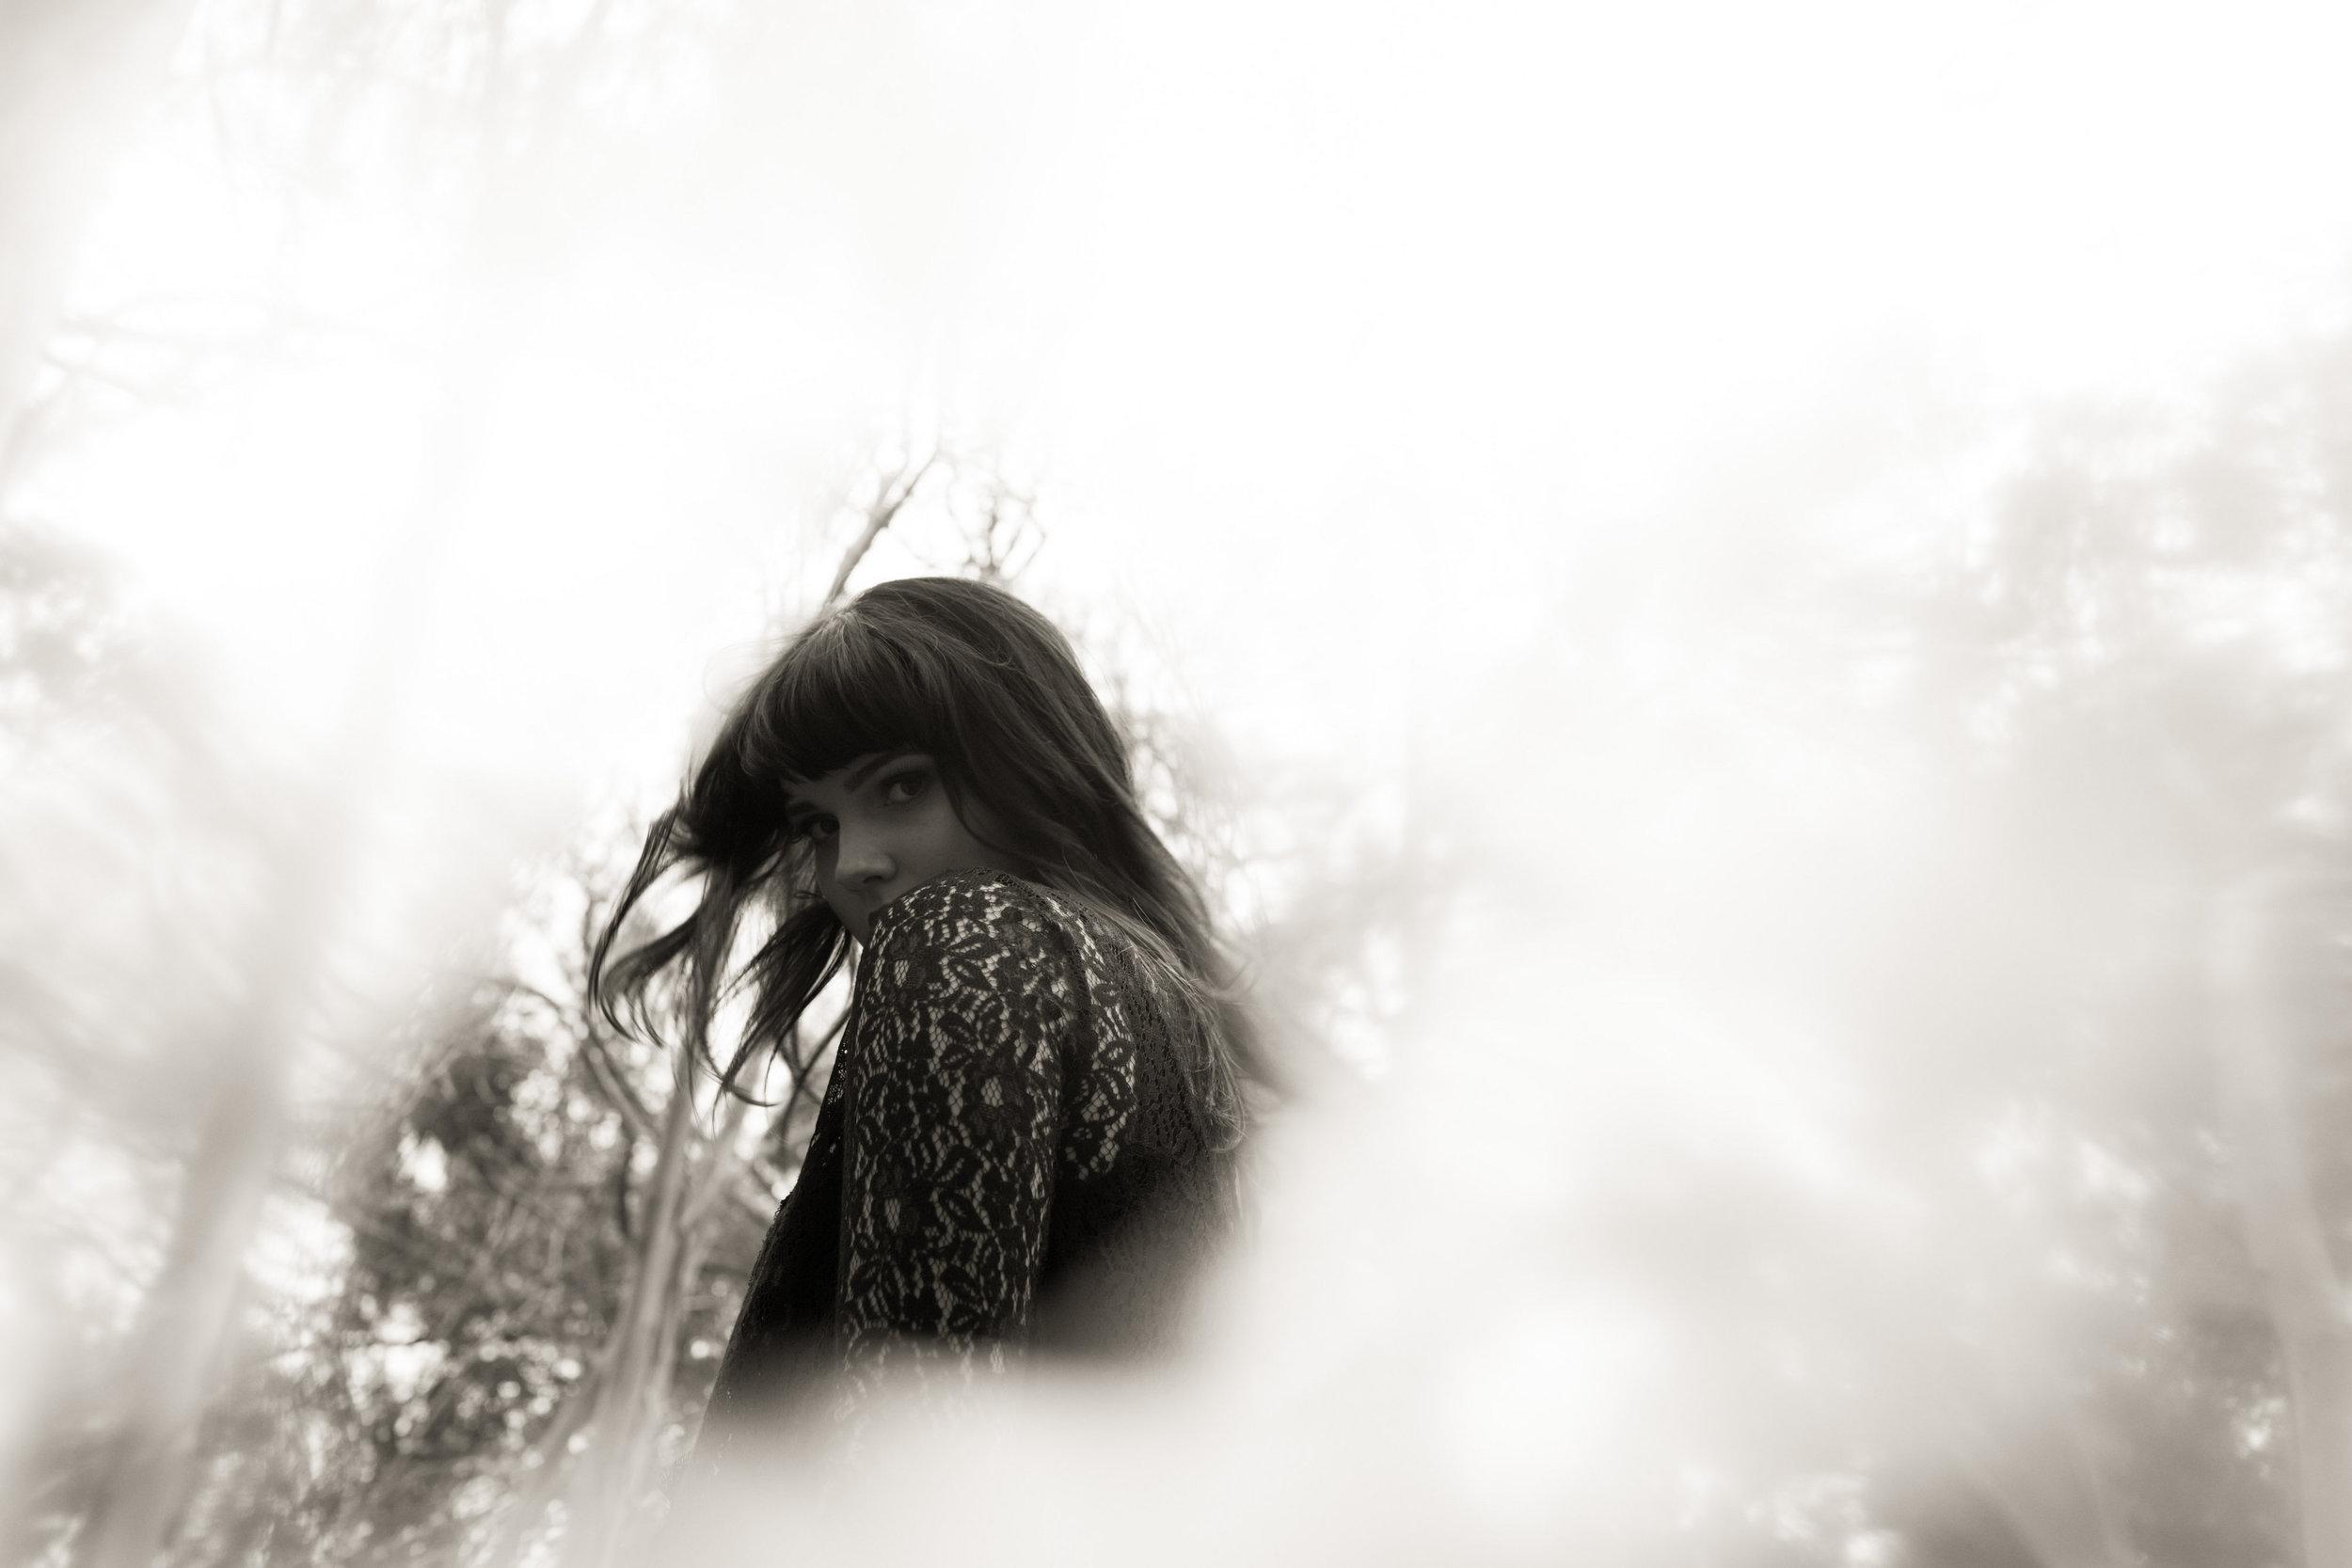 photo by: Tara engle